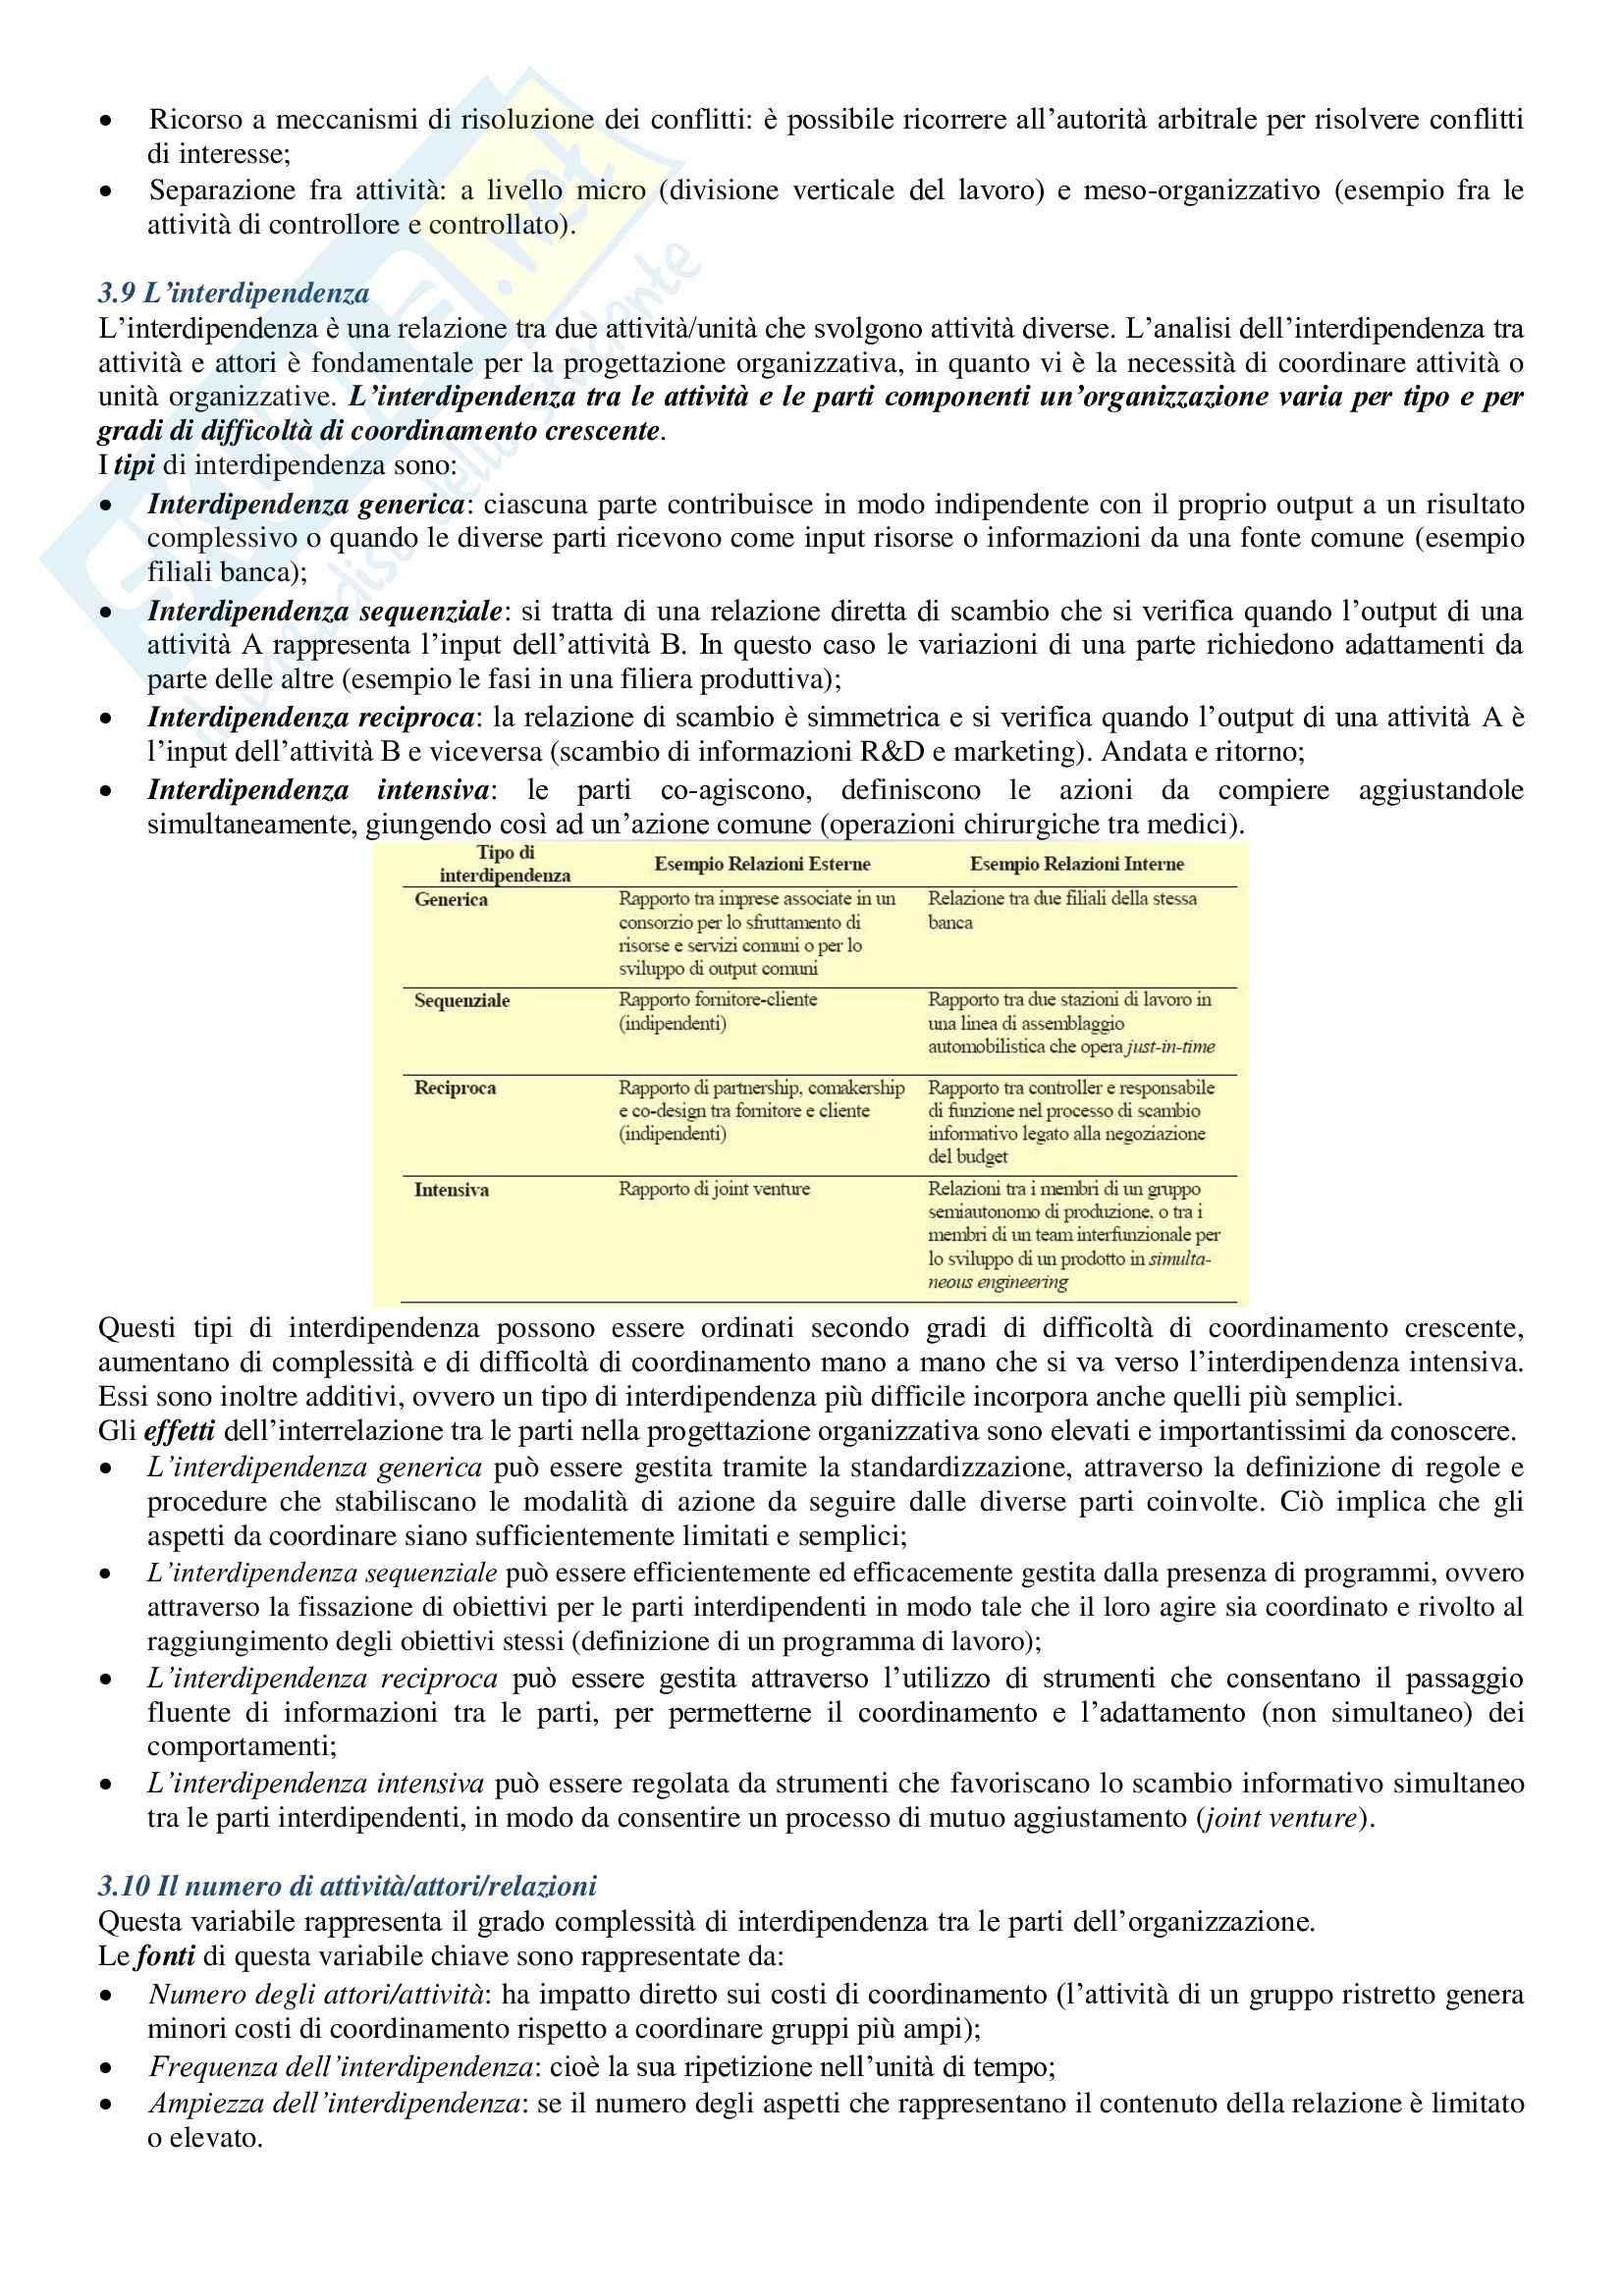 Riassunto Organizzazione delle Aziende Pag. 26